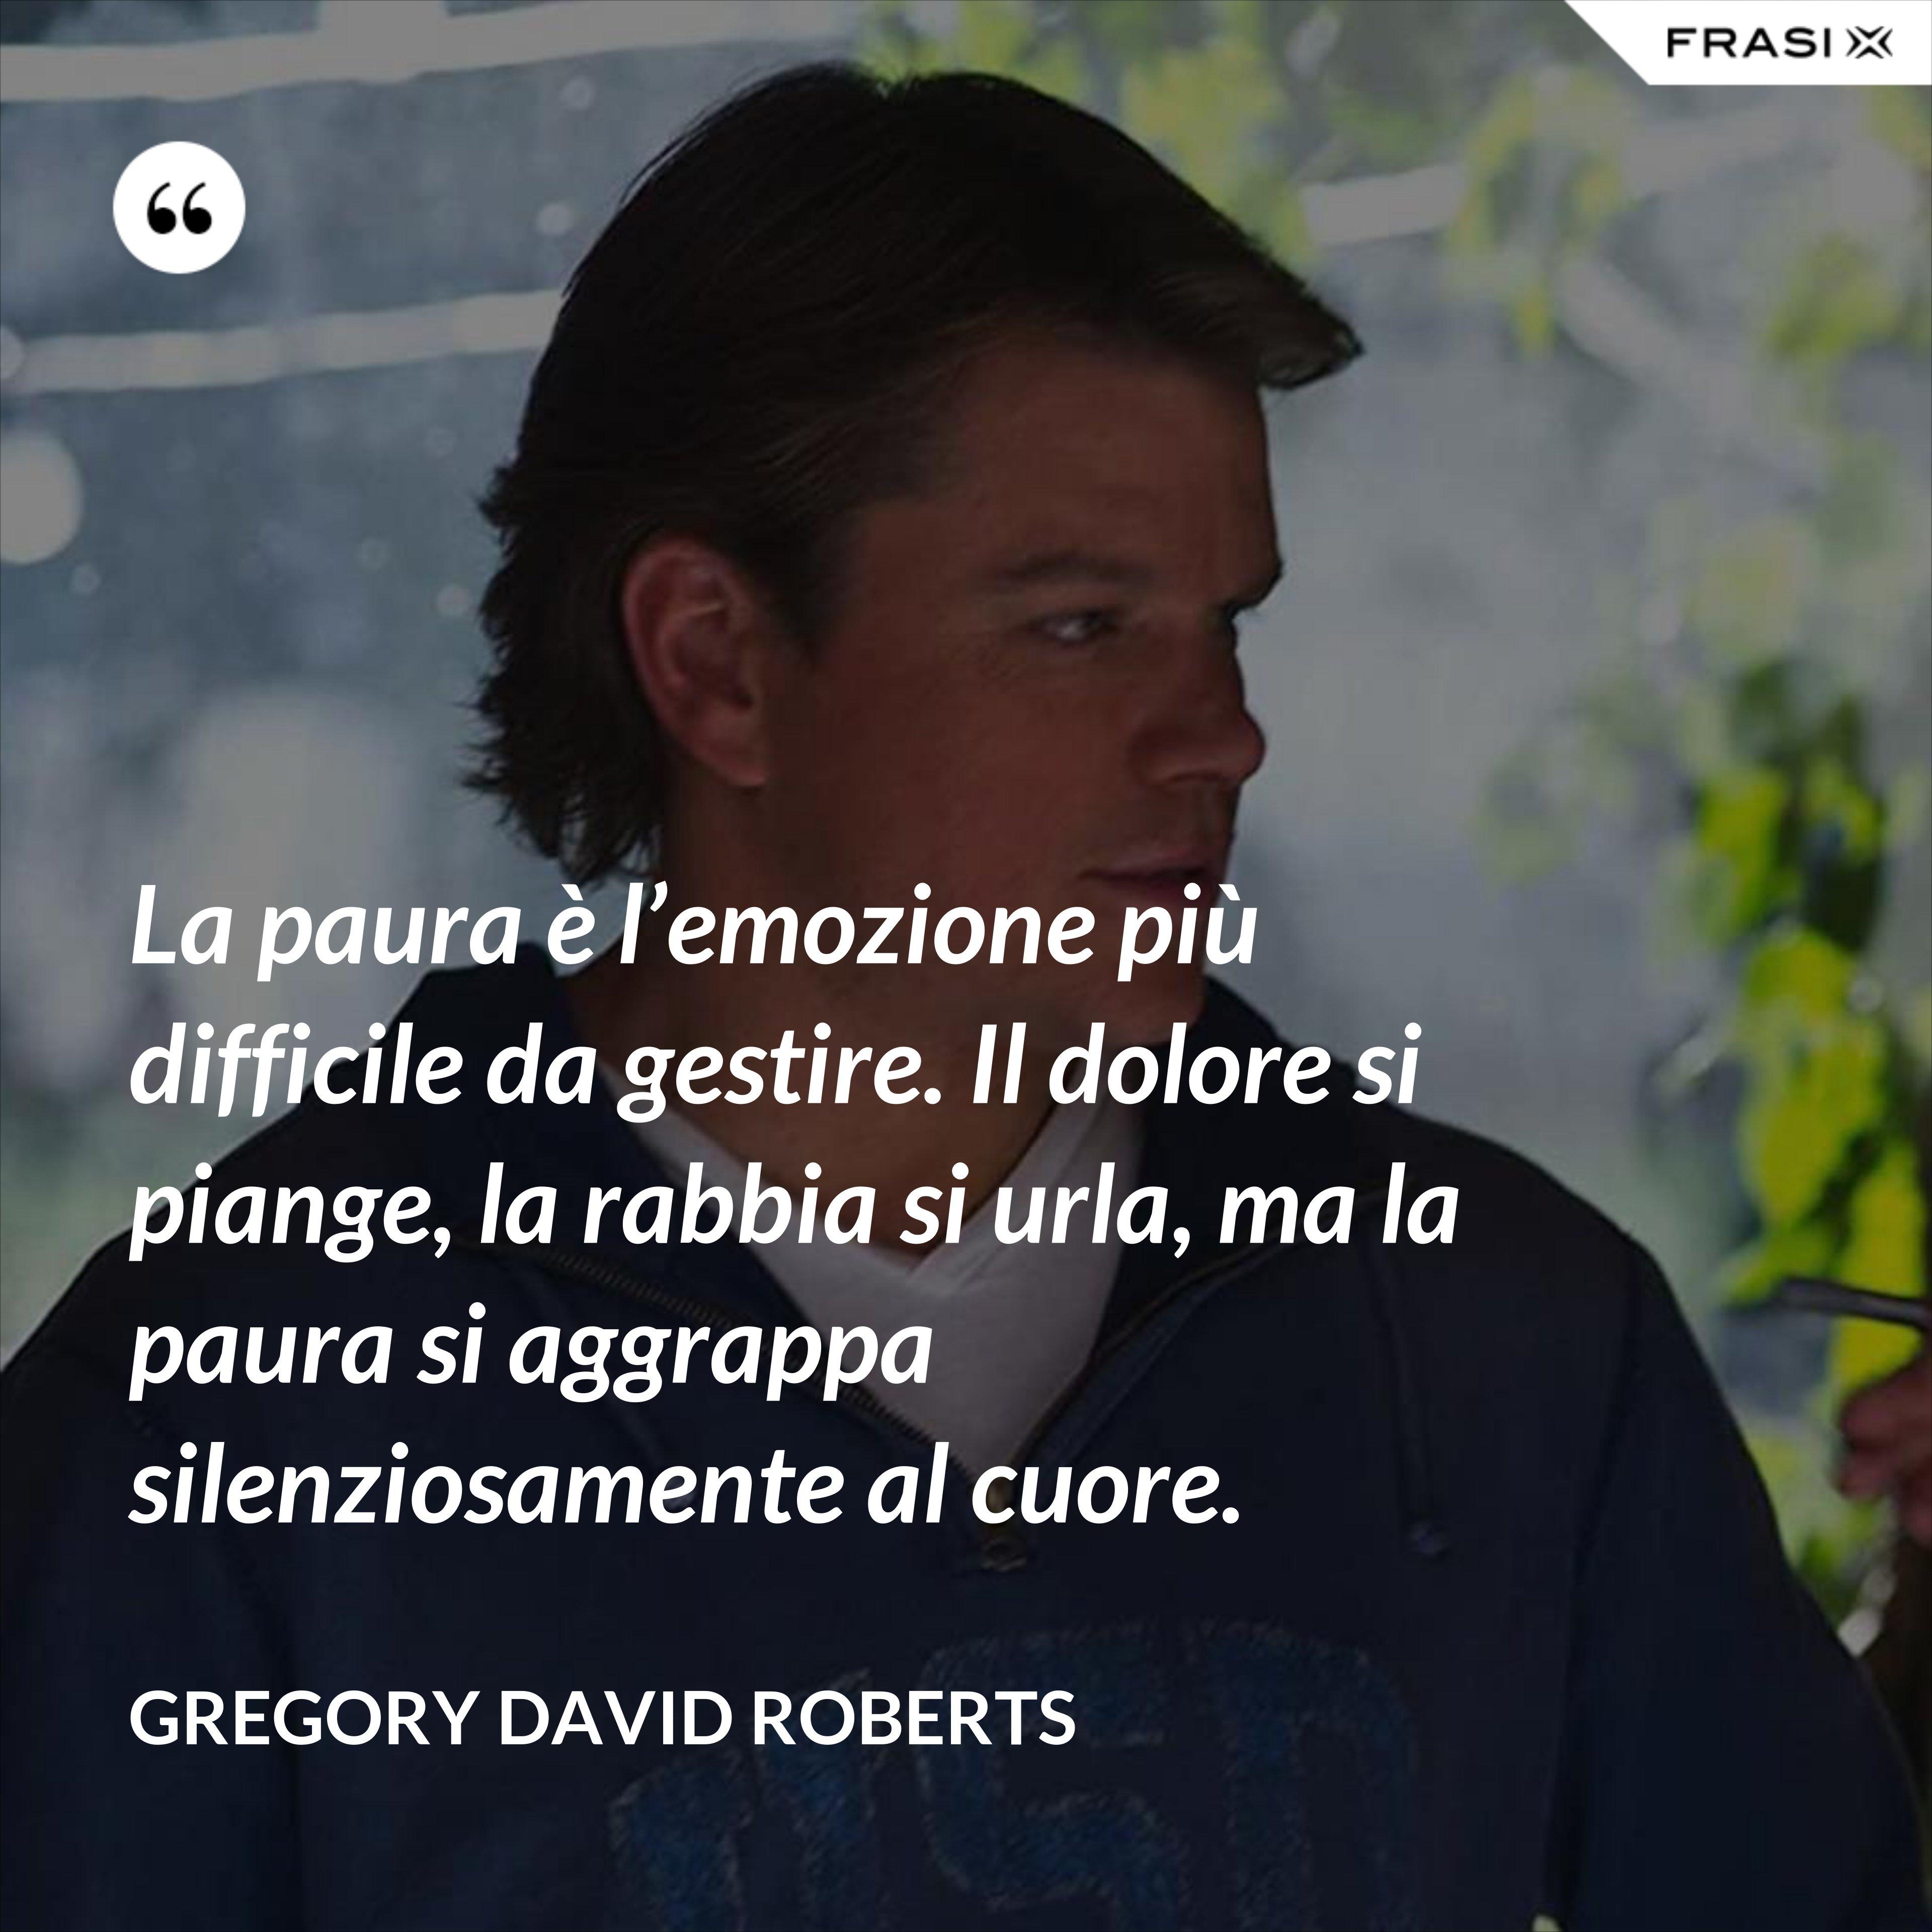 La paura è l'emozione più difficile da gestire. Il dolore si piange, la rabbia si urla, ma la paura si aggrappa silenziosamente al cuore. - Gregory David Roberts